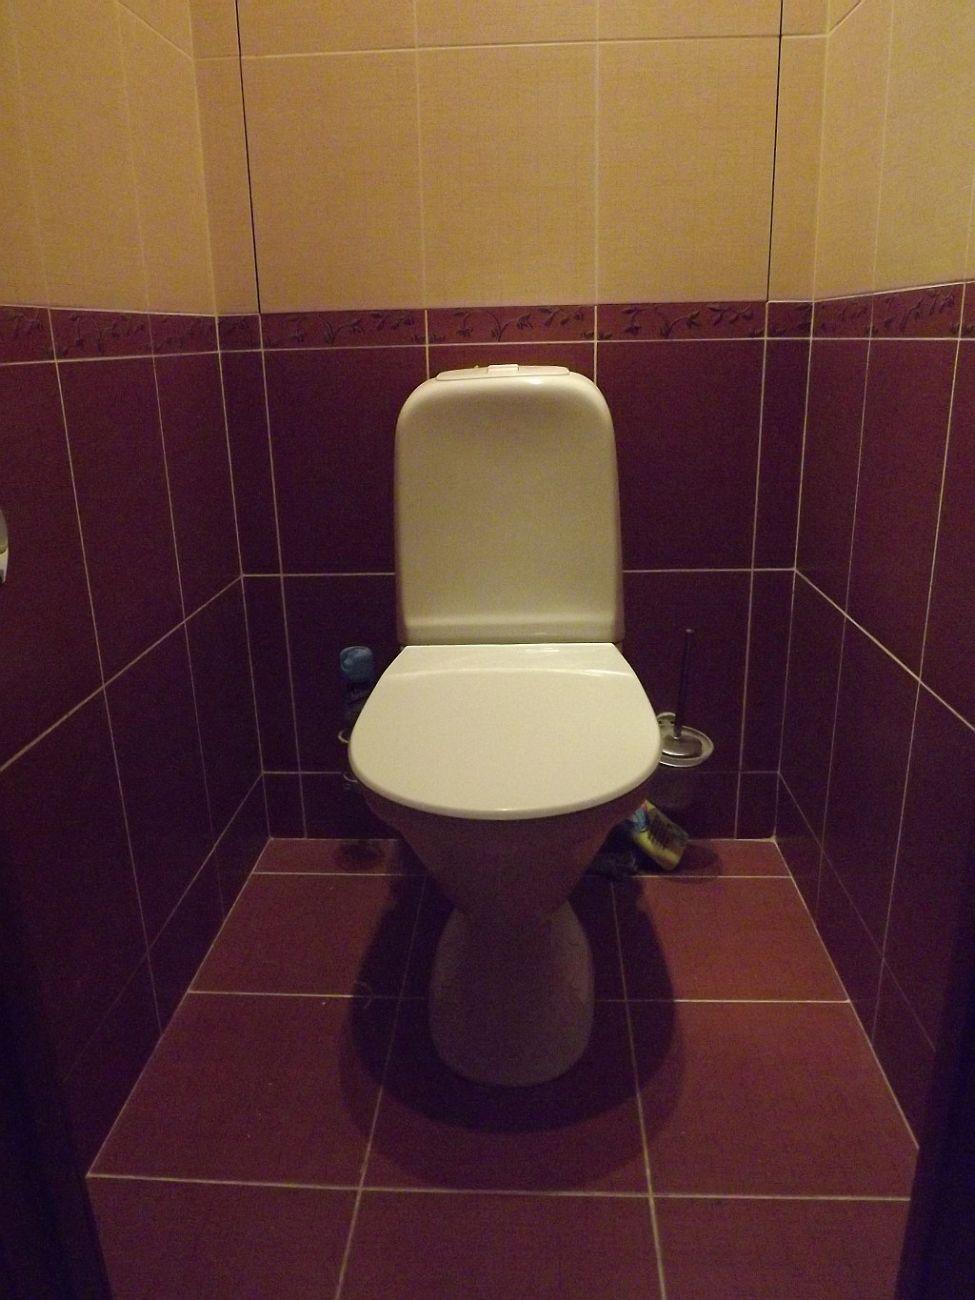 Как поменять туалет своими руками